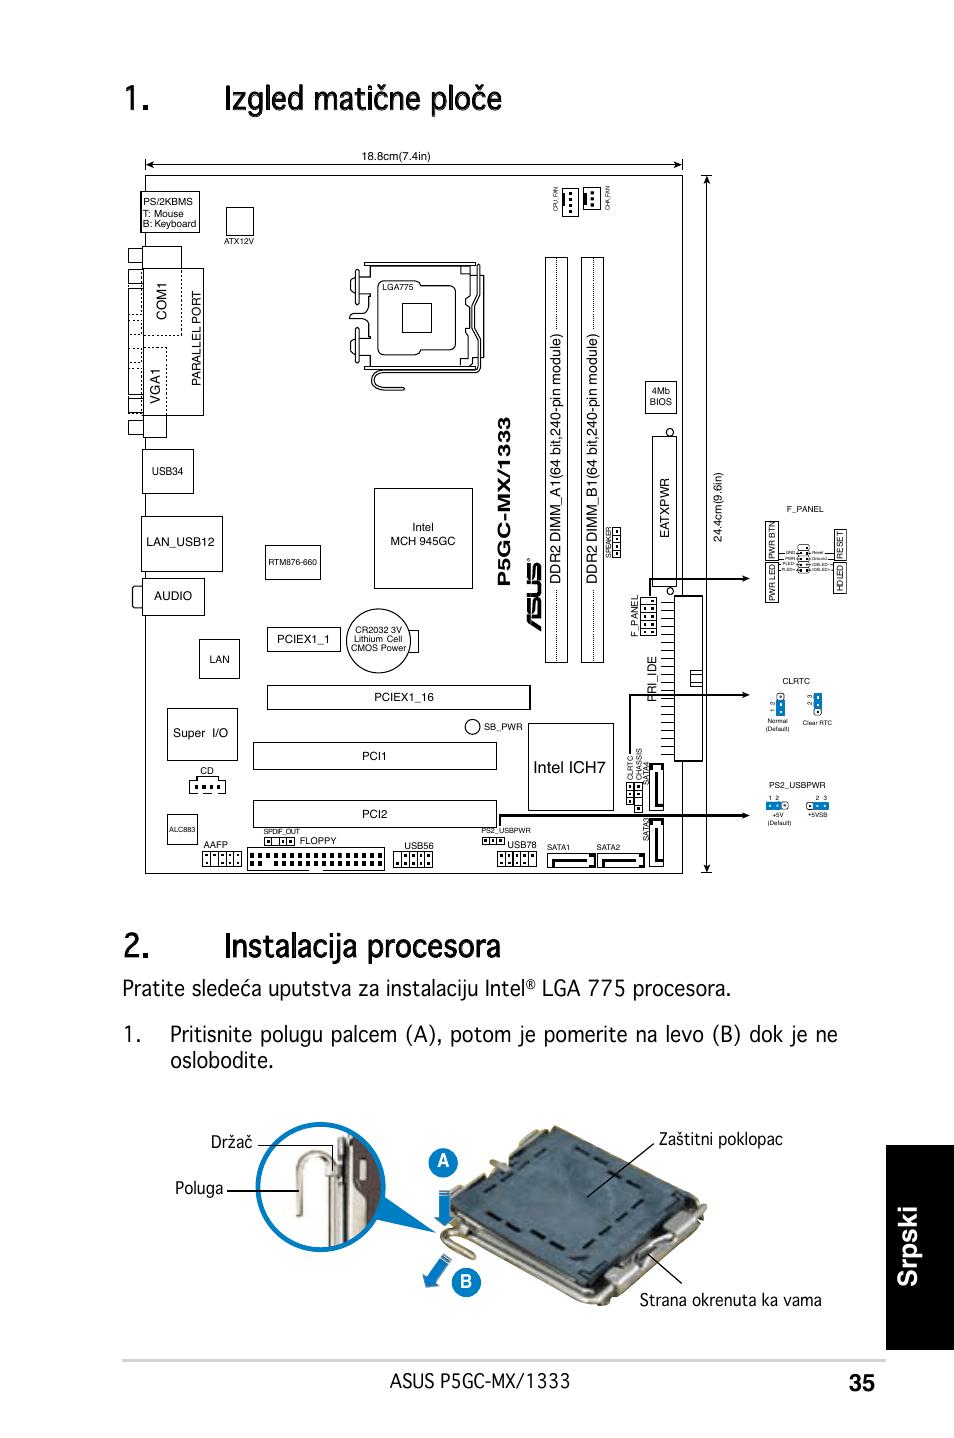 Izgled matične ploče 2. instalacija procesora, Srpski